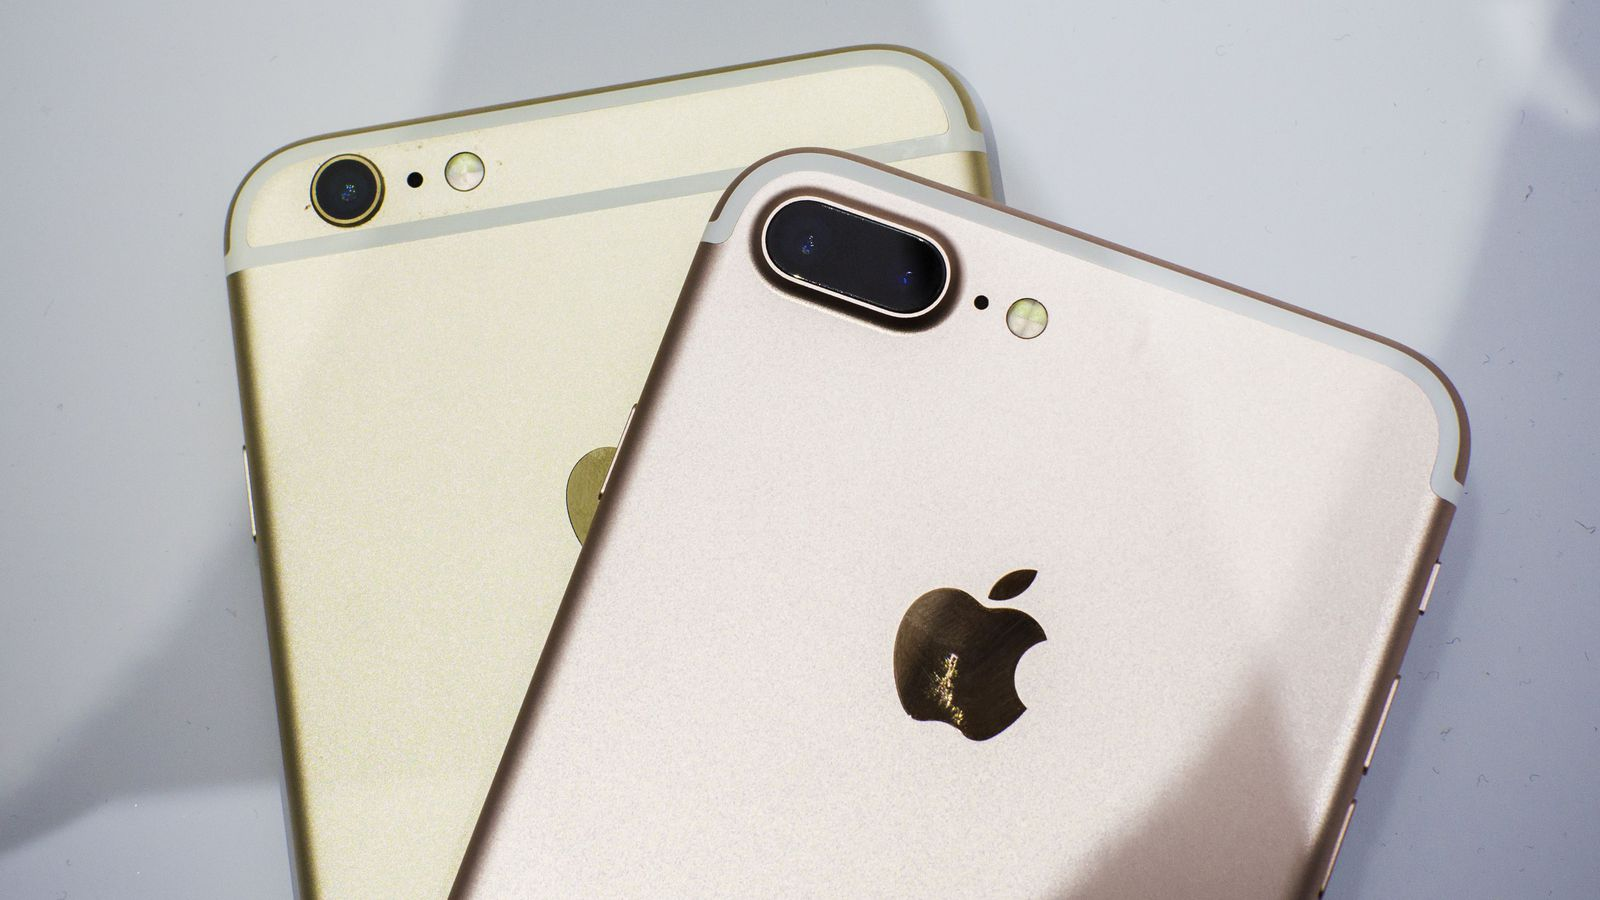 090716-apple-iphone-7-plus-iphone-7-6984